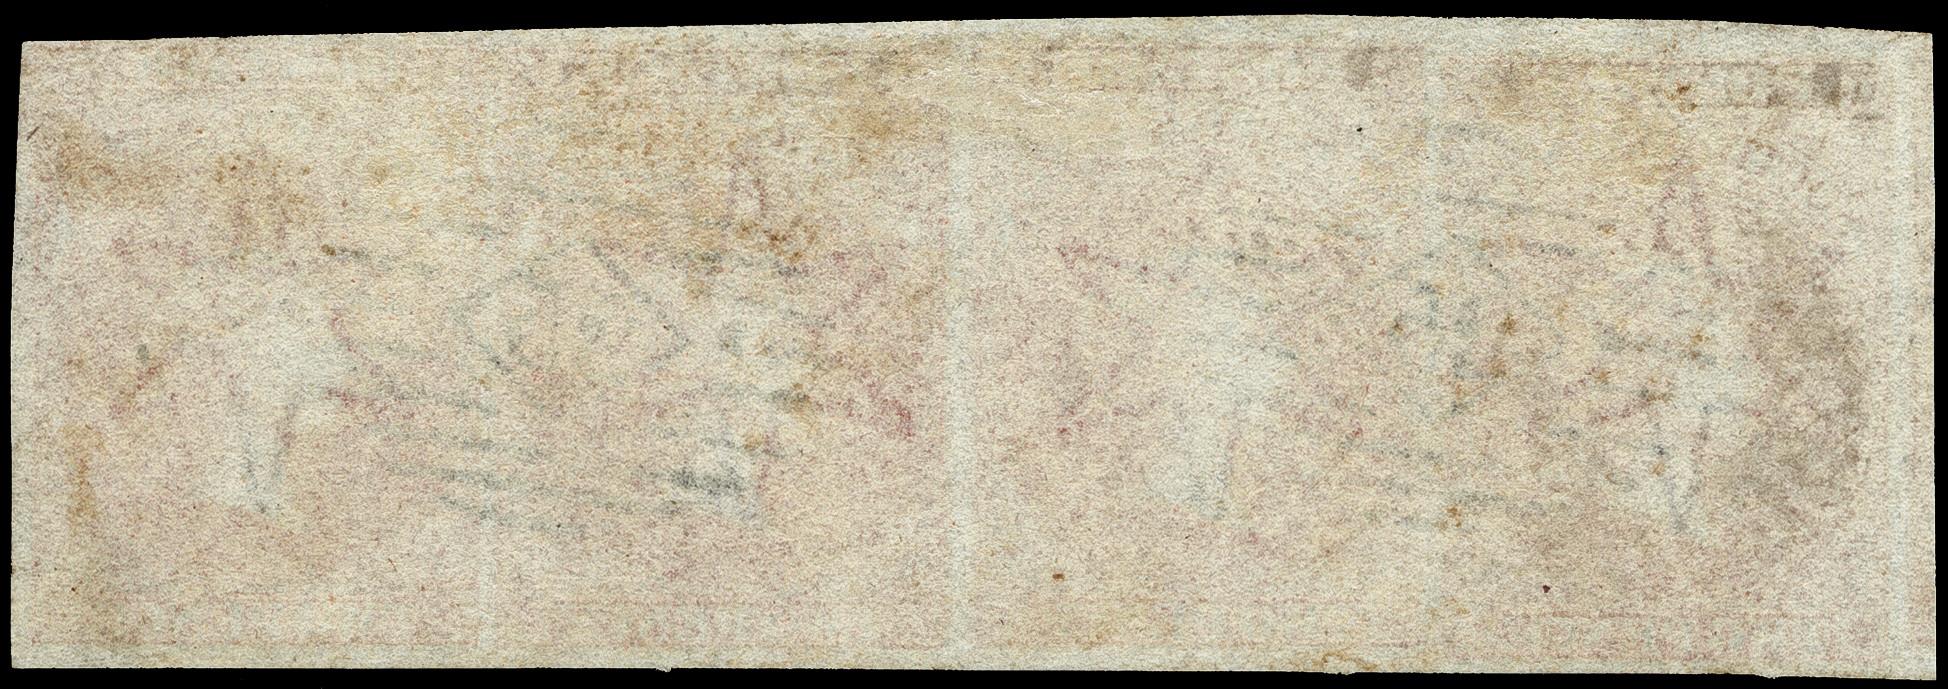 Lot 1222 - Australia south australia -  Heinrich Koehler Auktionen Heinrich Köhler Auction 377 - Day 1